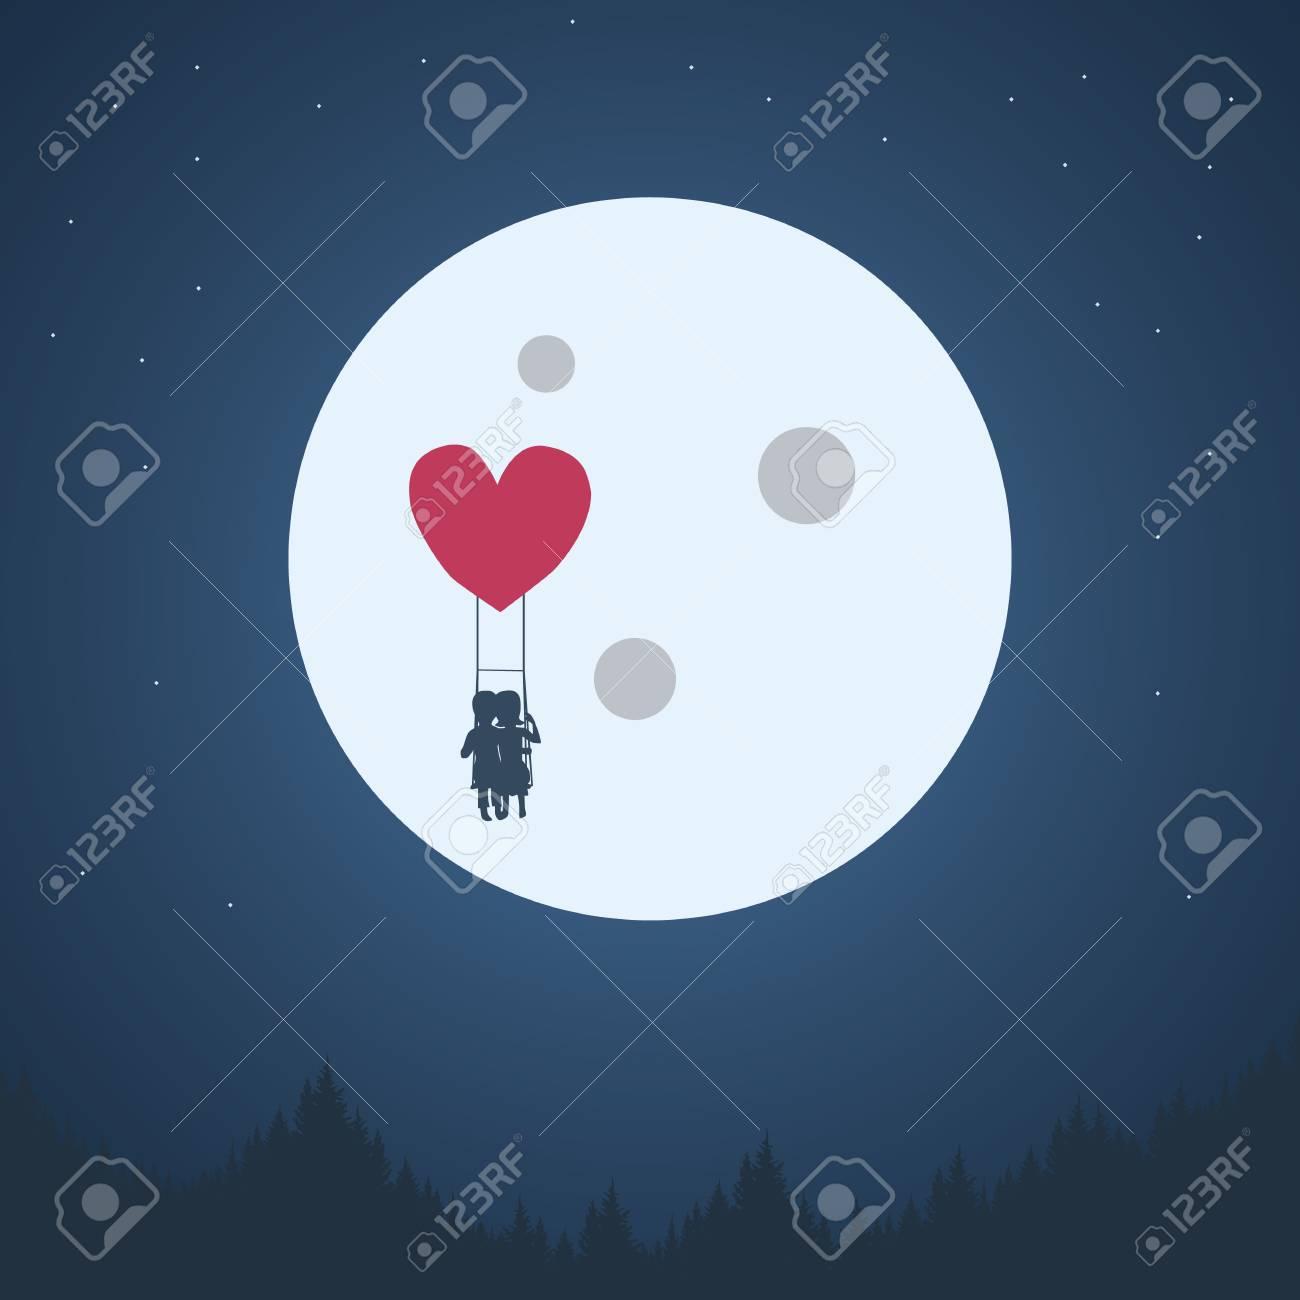 バレンタインの日ロマンチックな背景 男の子と女の子かわいい愛らしい